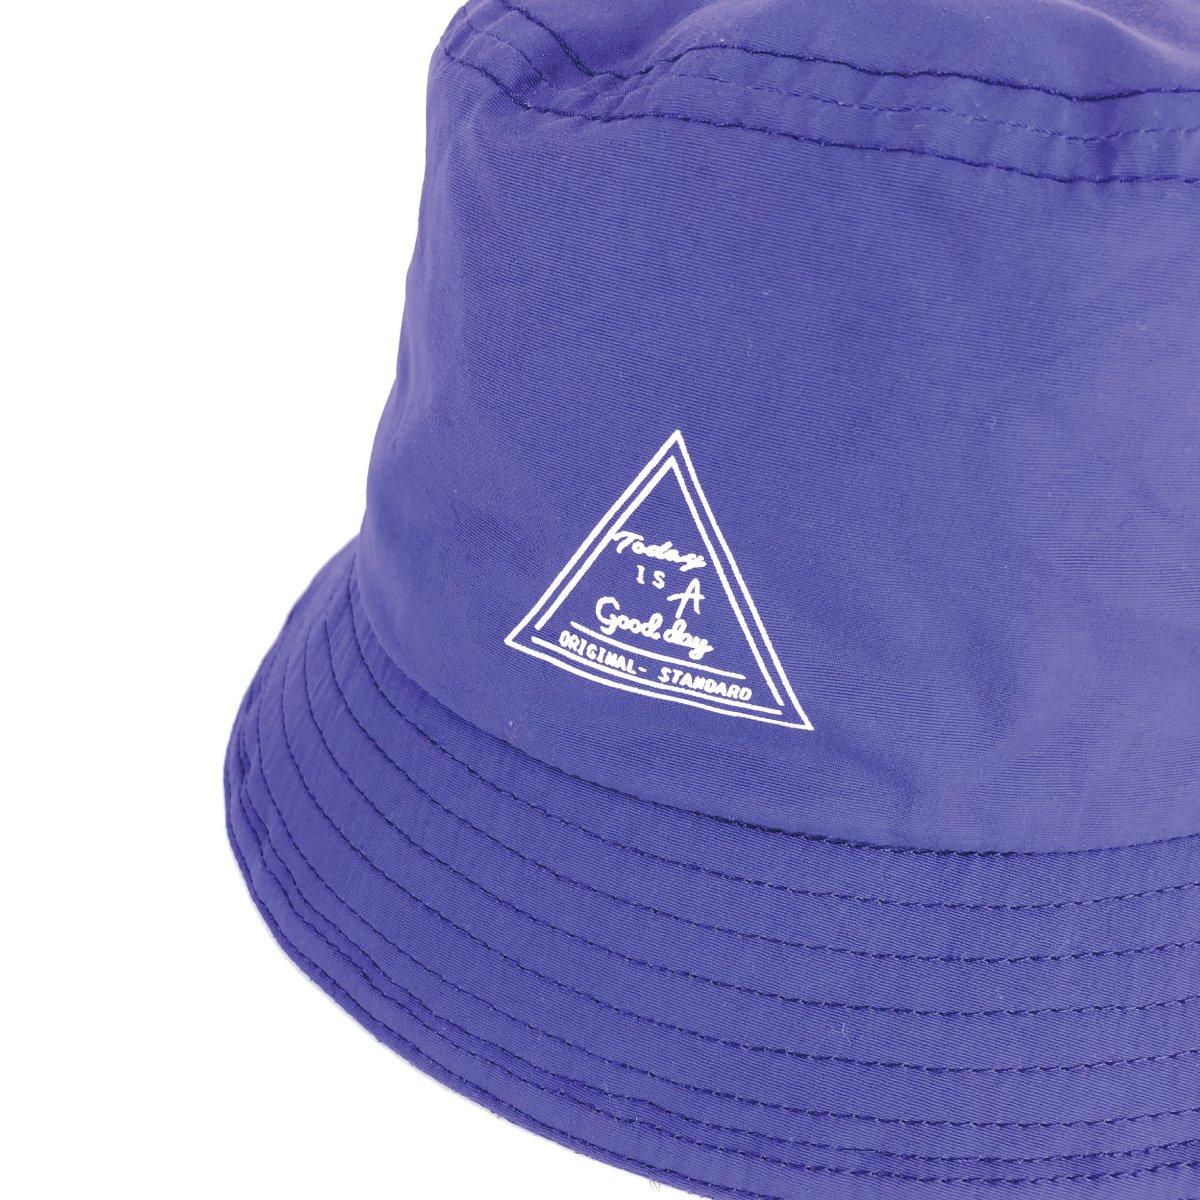 【KIDS】Kids Obey Hat 詳細画像6